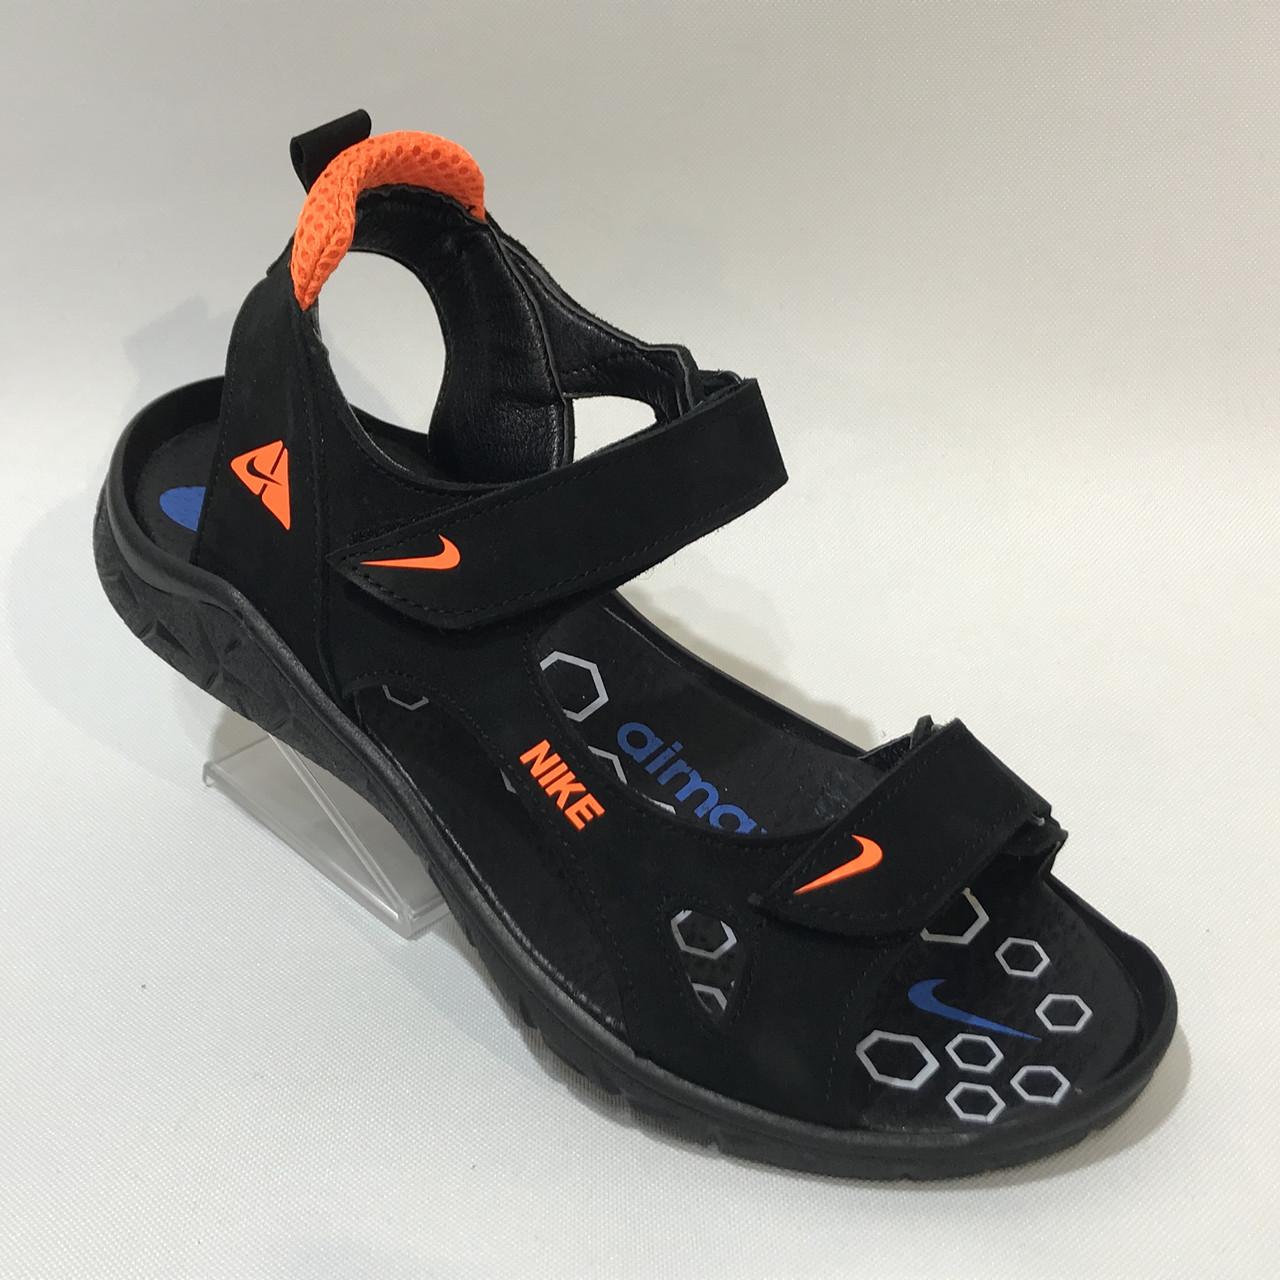 Мужские кожаные сандалии Nike р. 40 последняя пара